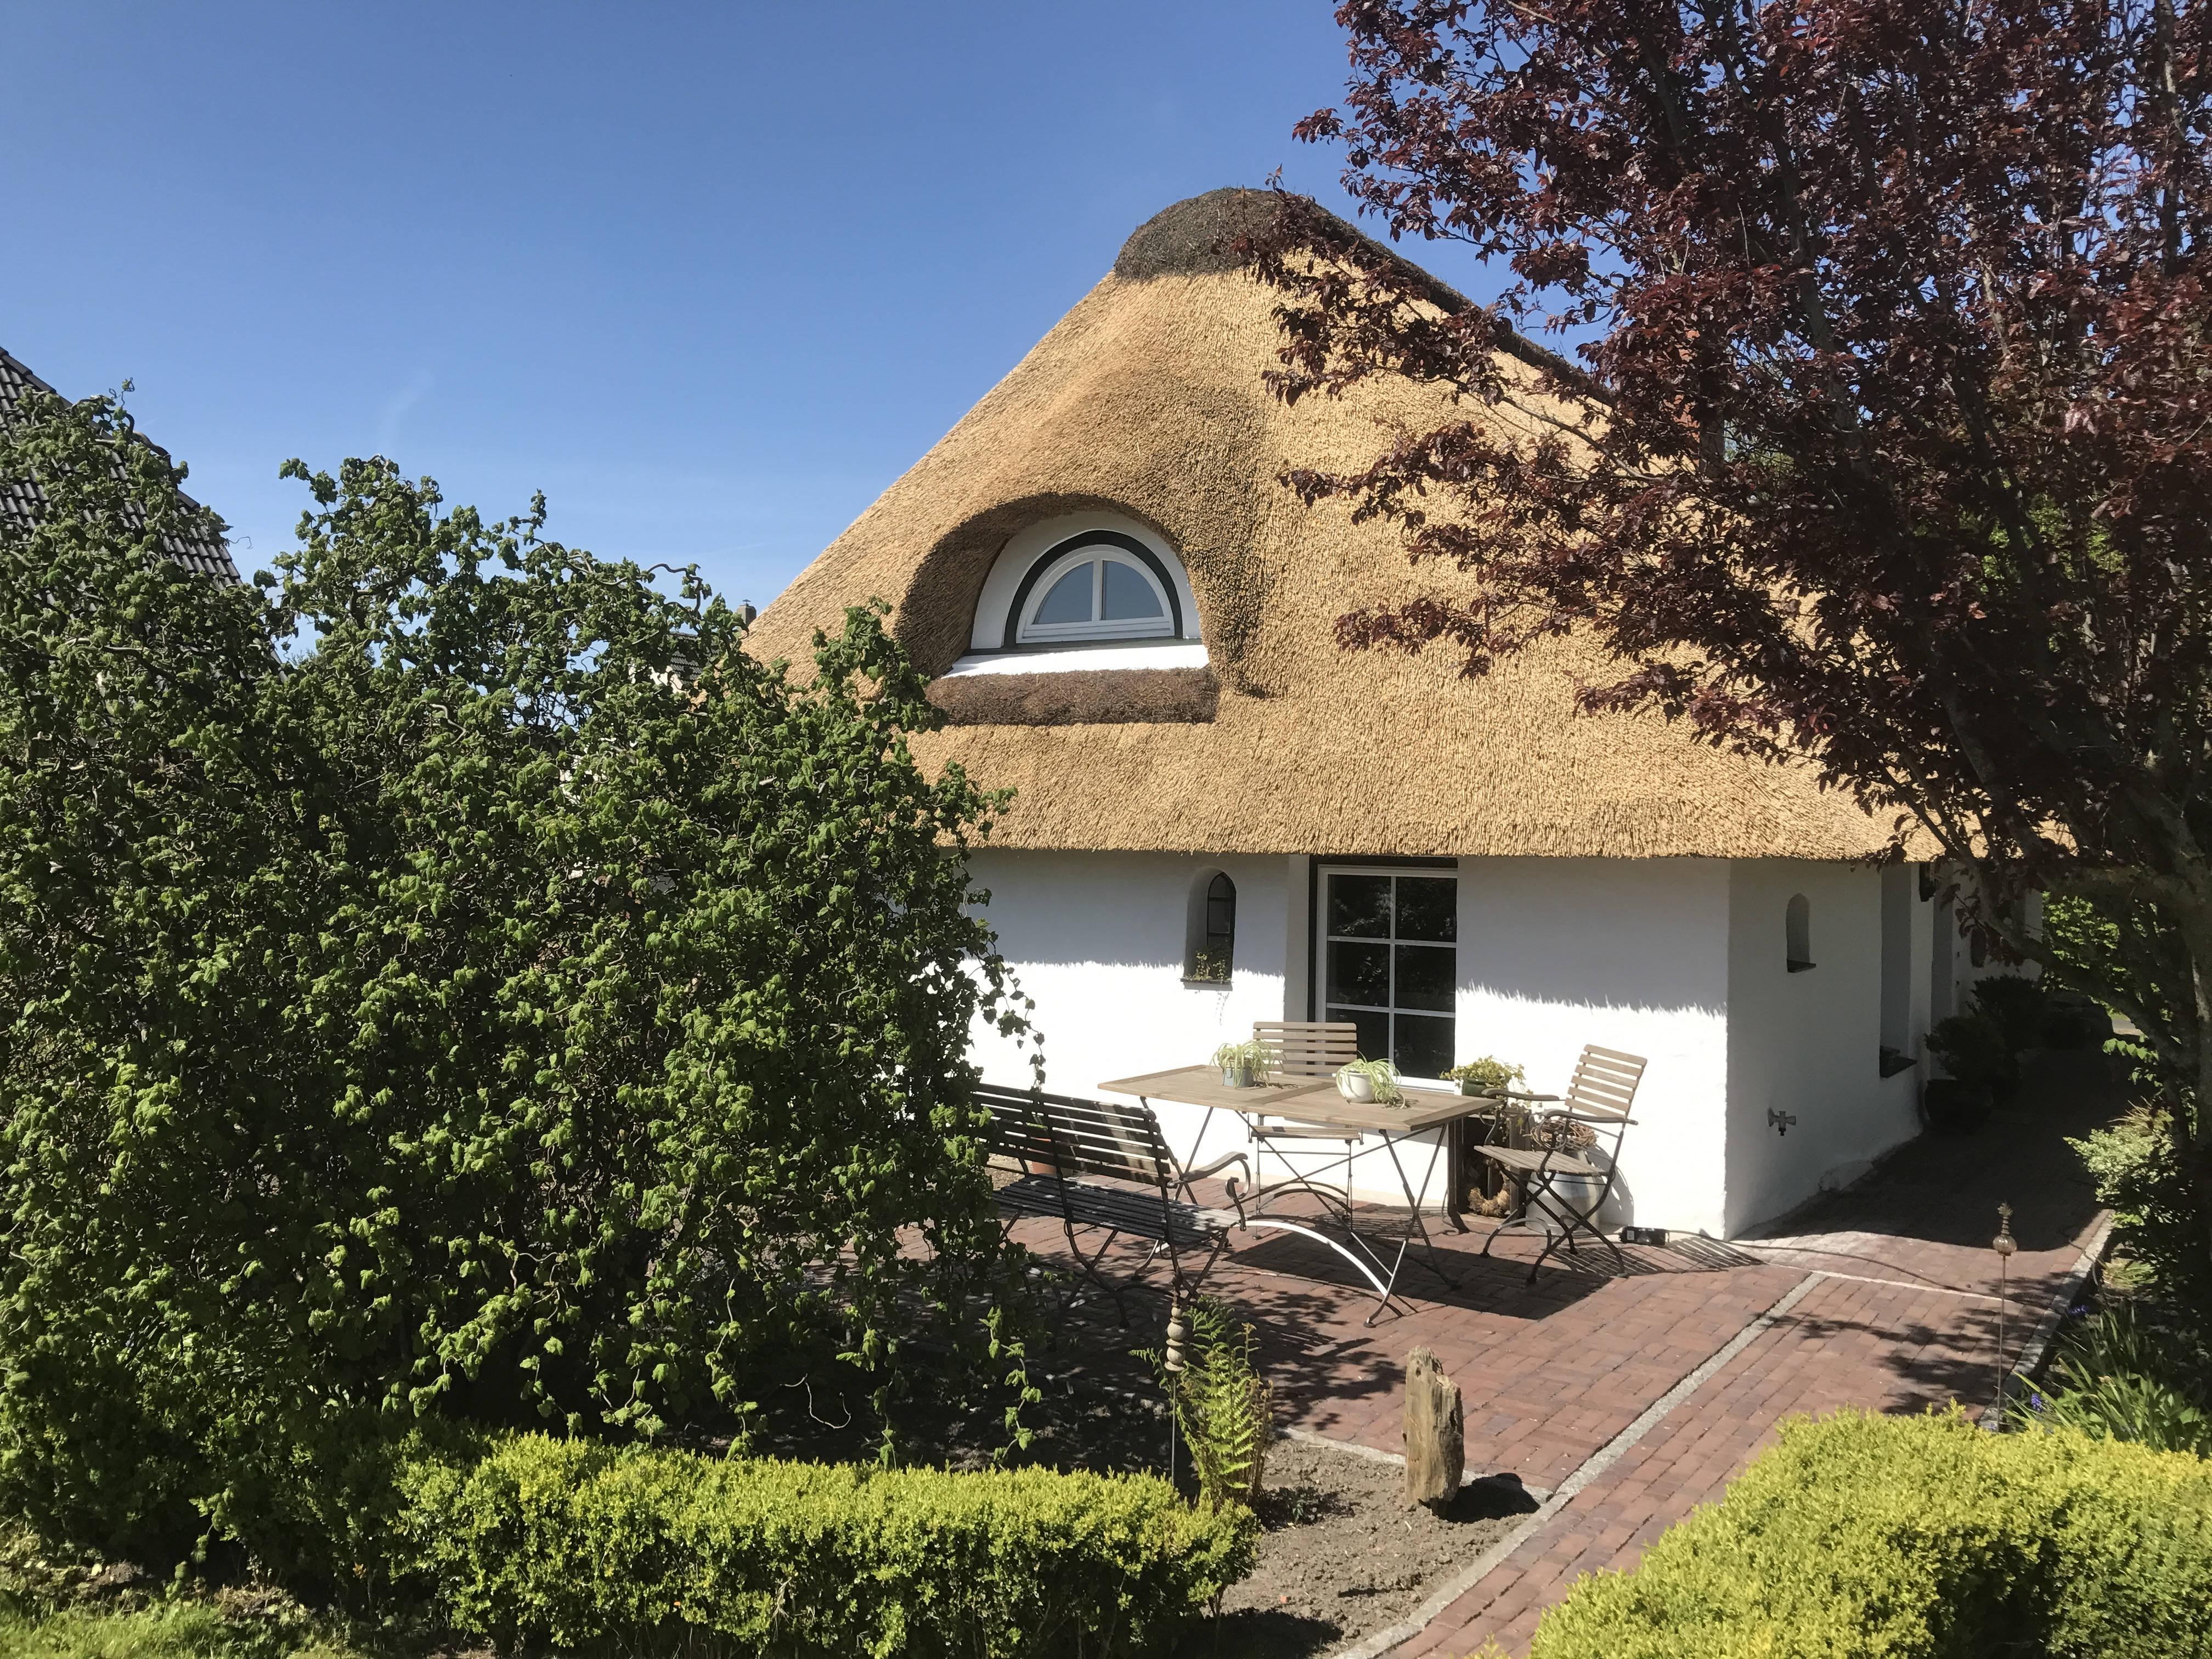 Refugium im Nordseewind (Norddeich). 3-Raum Ferien Ferienhaus in Ostfriesland